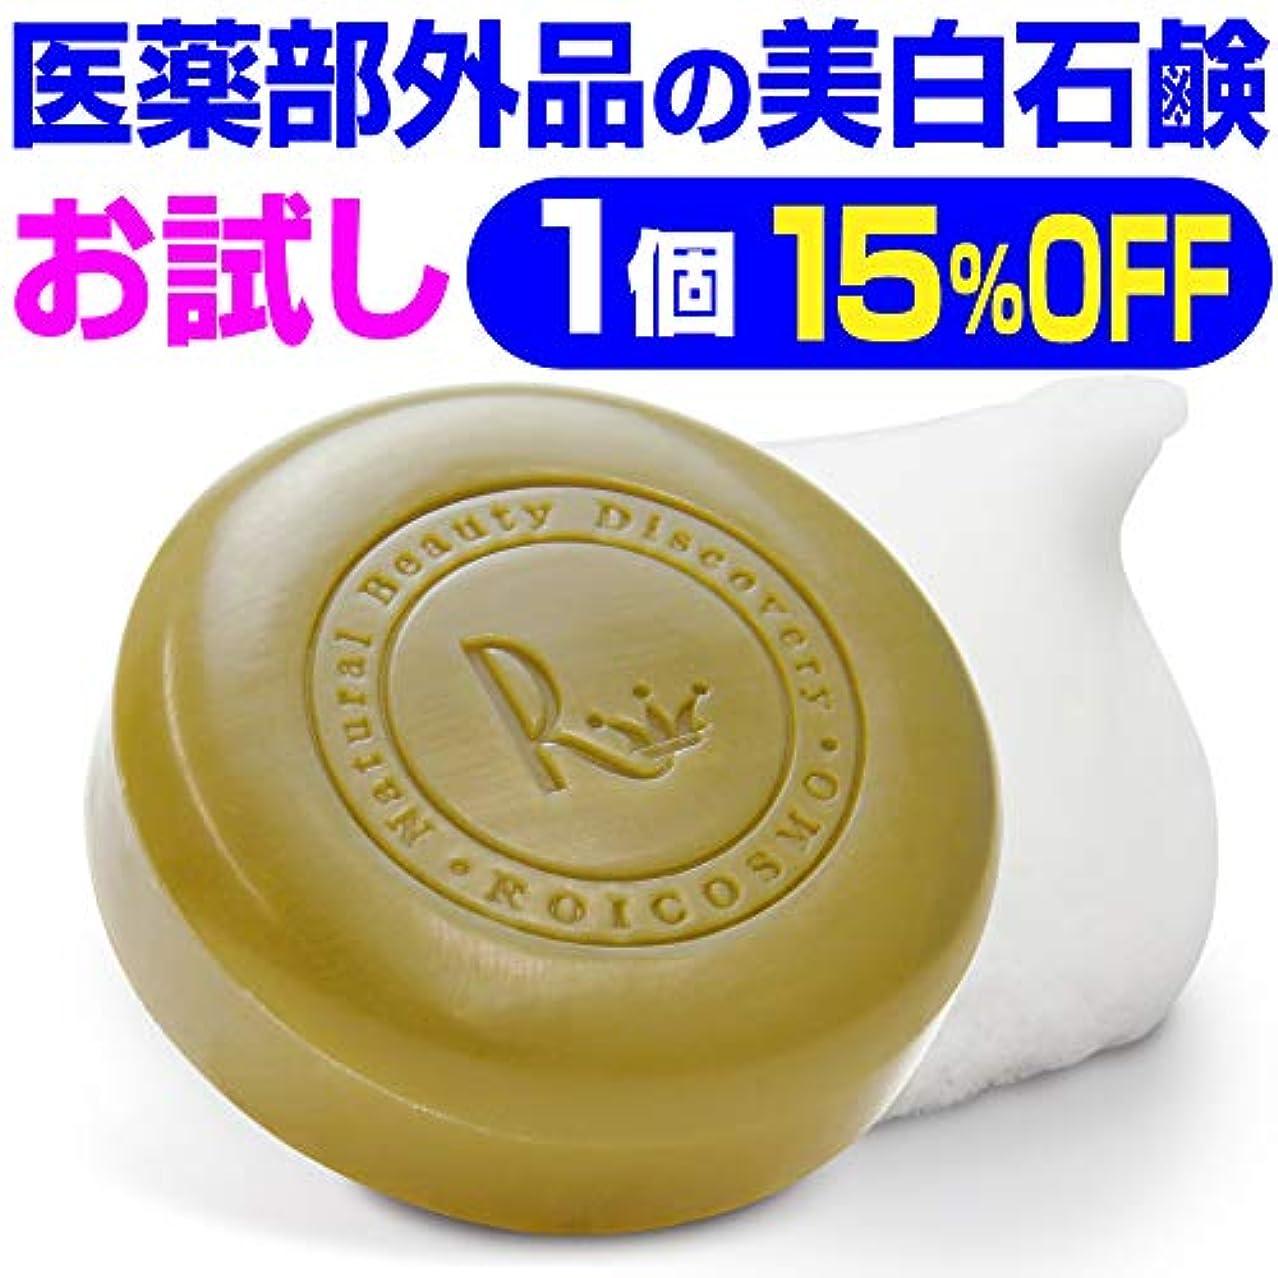 それら近々ギャロップお試し15%OFF ビタミンC270倍の美白成分配合の 洗顔石鹸 固形『ホワイトソープ100g×1個』(初回限定)